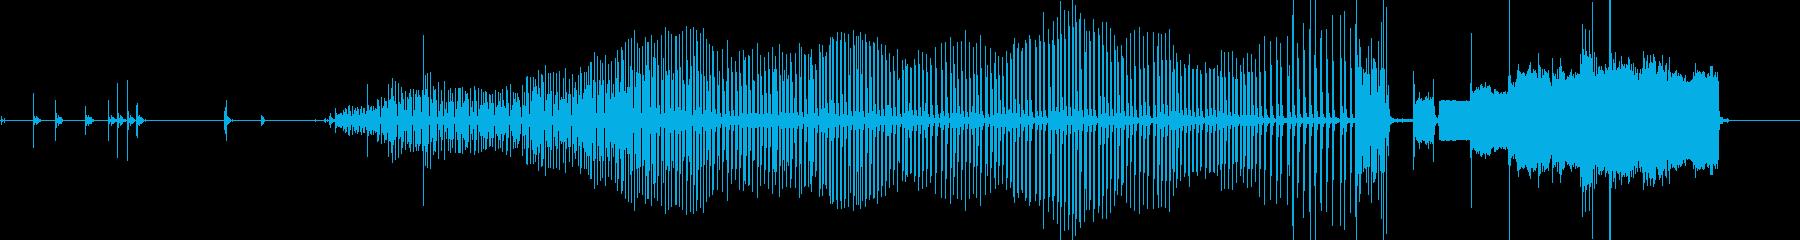 FAXマシン、小規模バージョン、送...の再生済みの波形